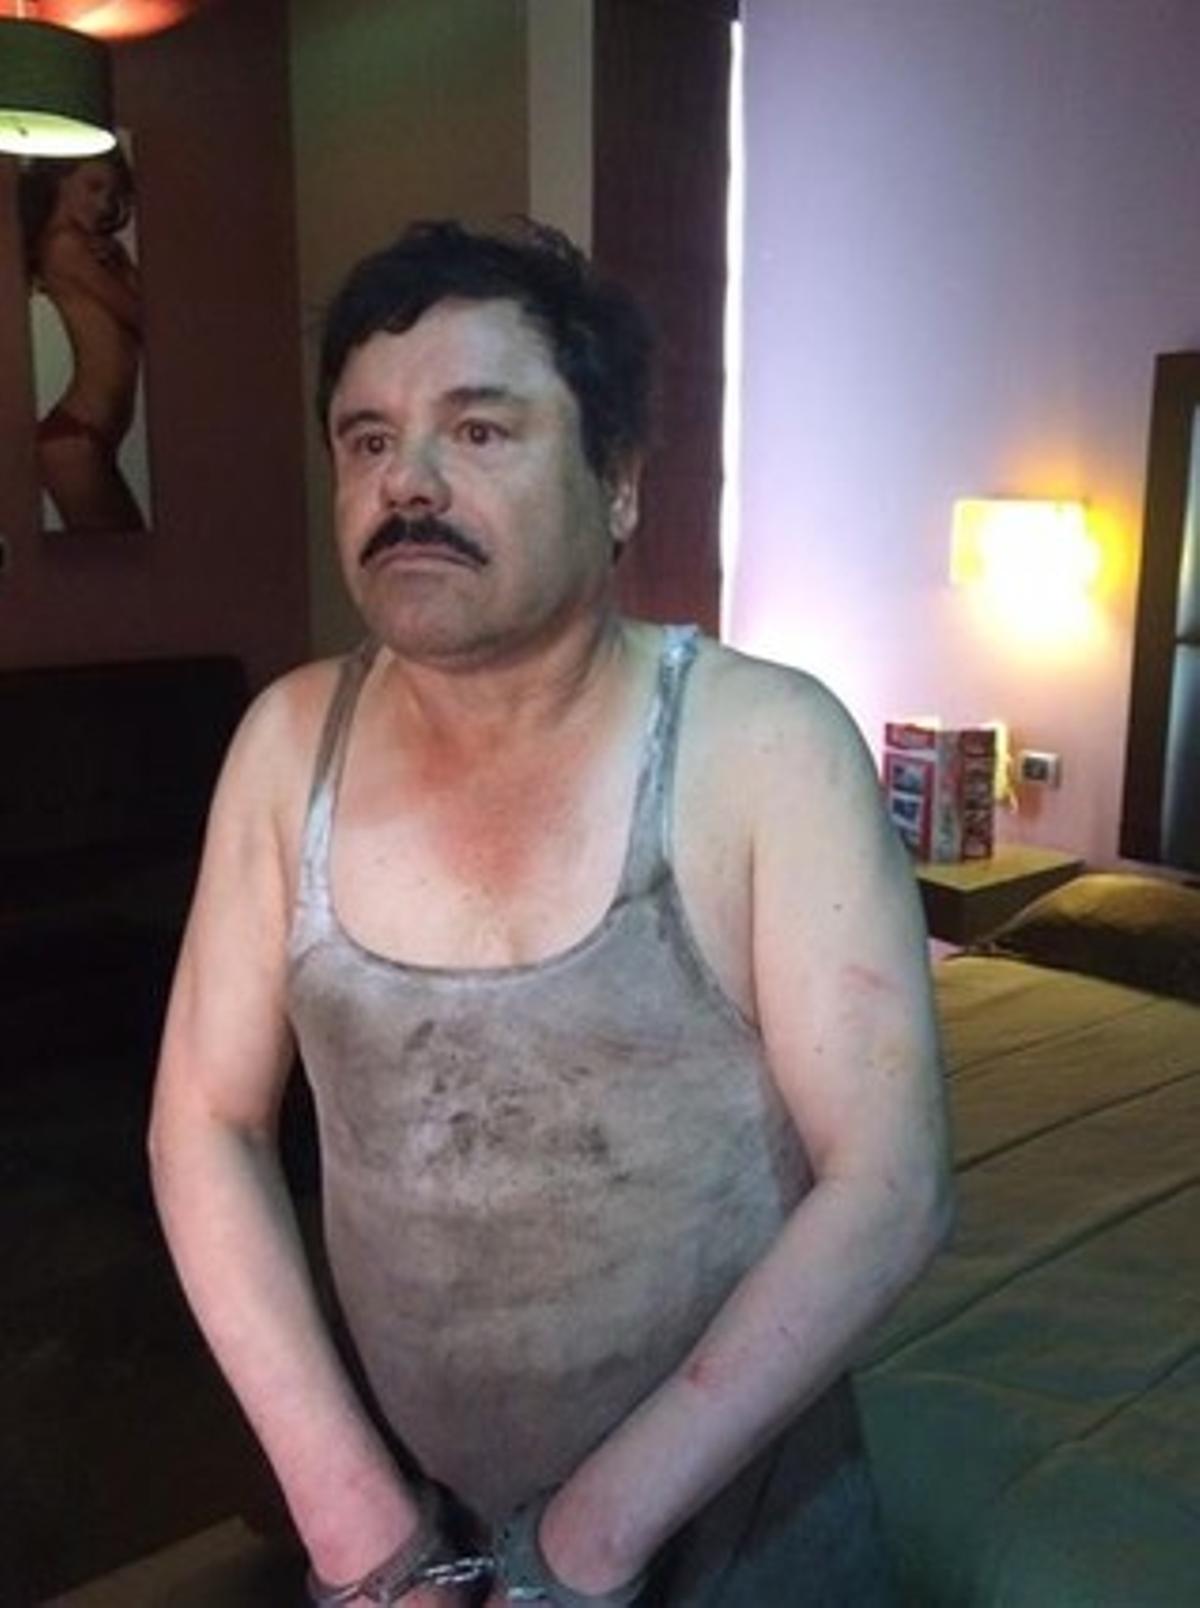 Primera imagen del narcotraficante Joaquin El Chapo Guzman hoy tras su captura.